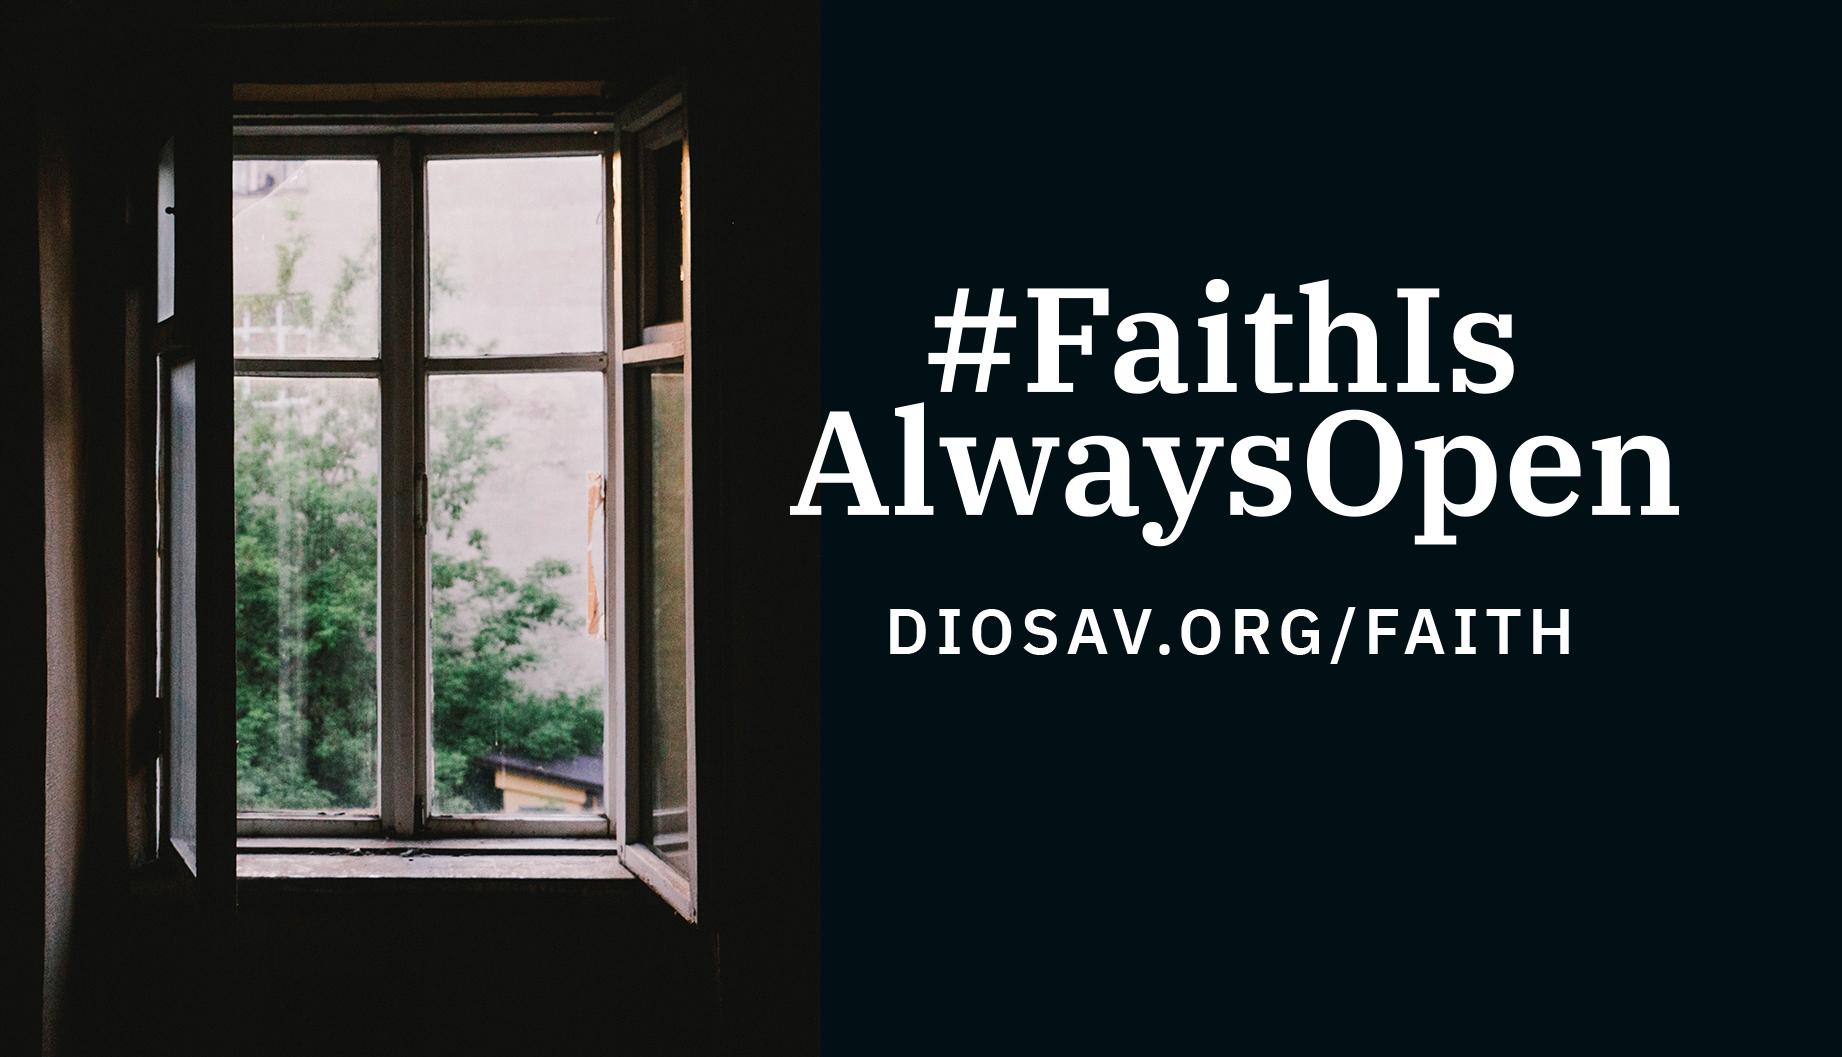 #FaithIsAlwaysOpen